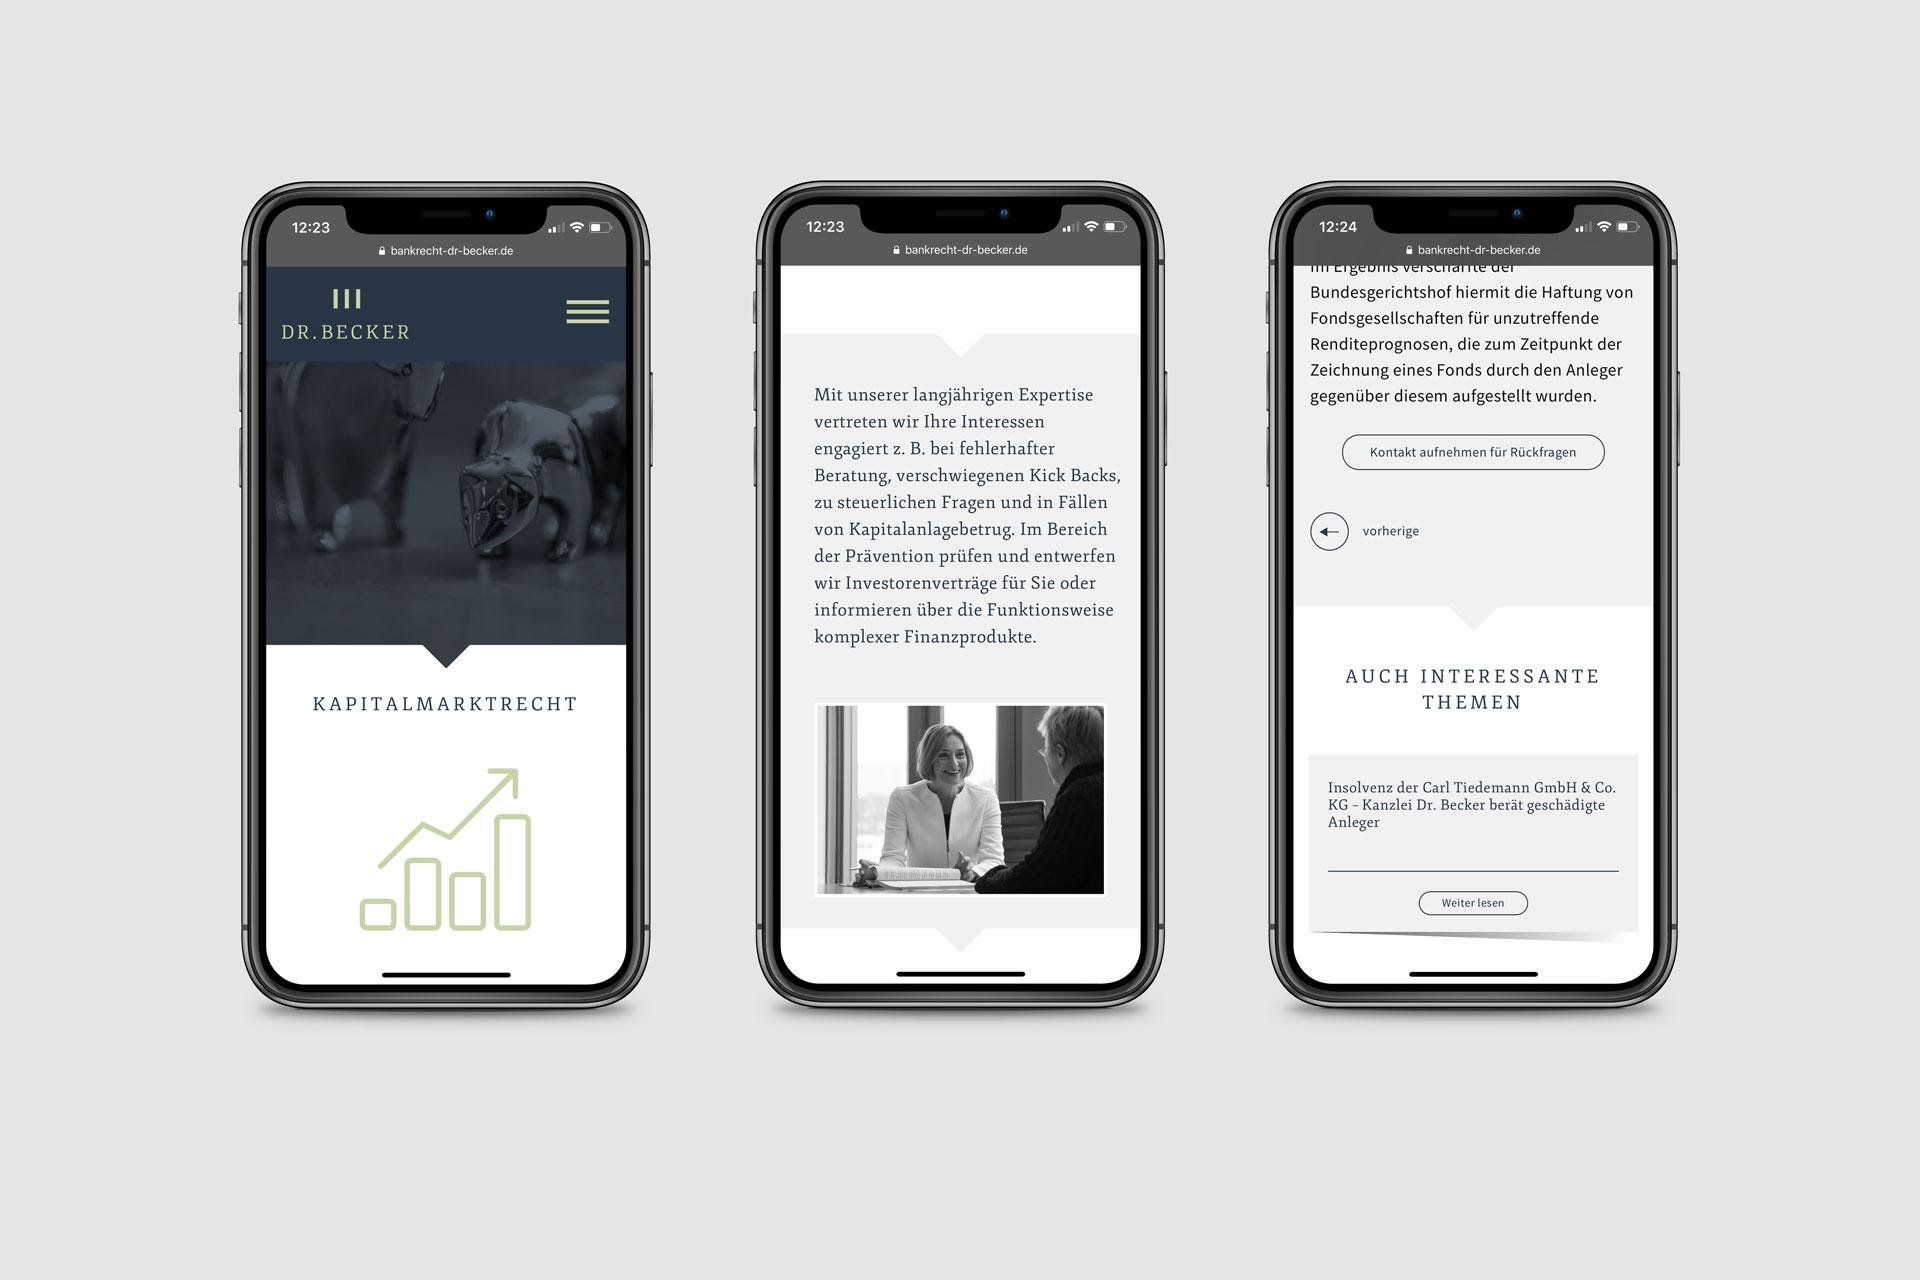 Webdesign im Corporate Design von Kanzlei Dr. Becker